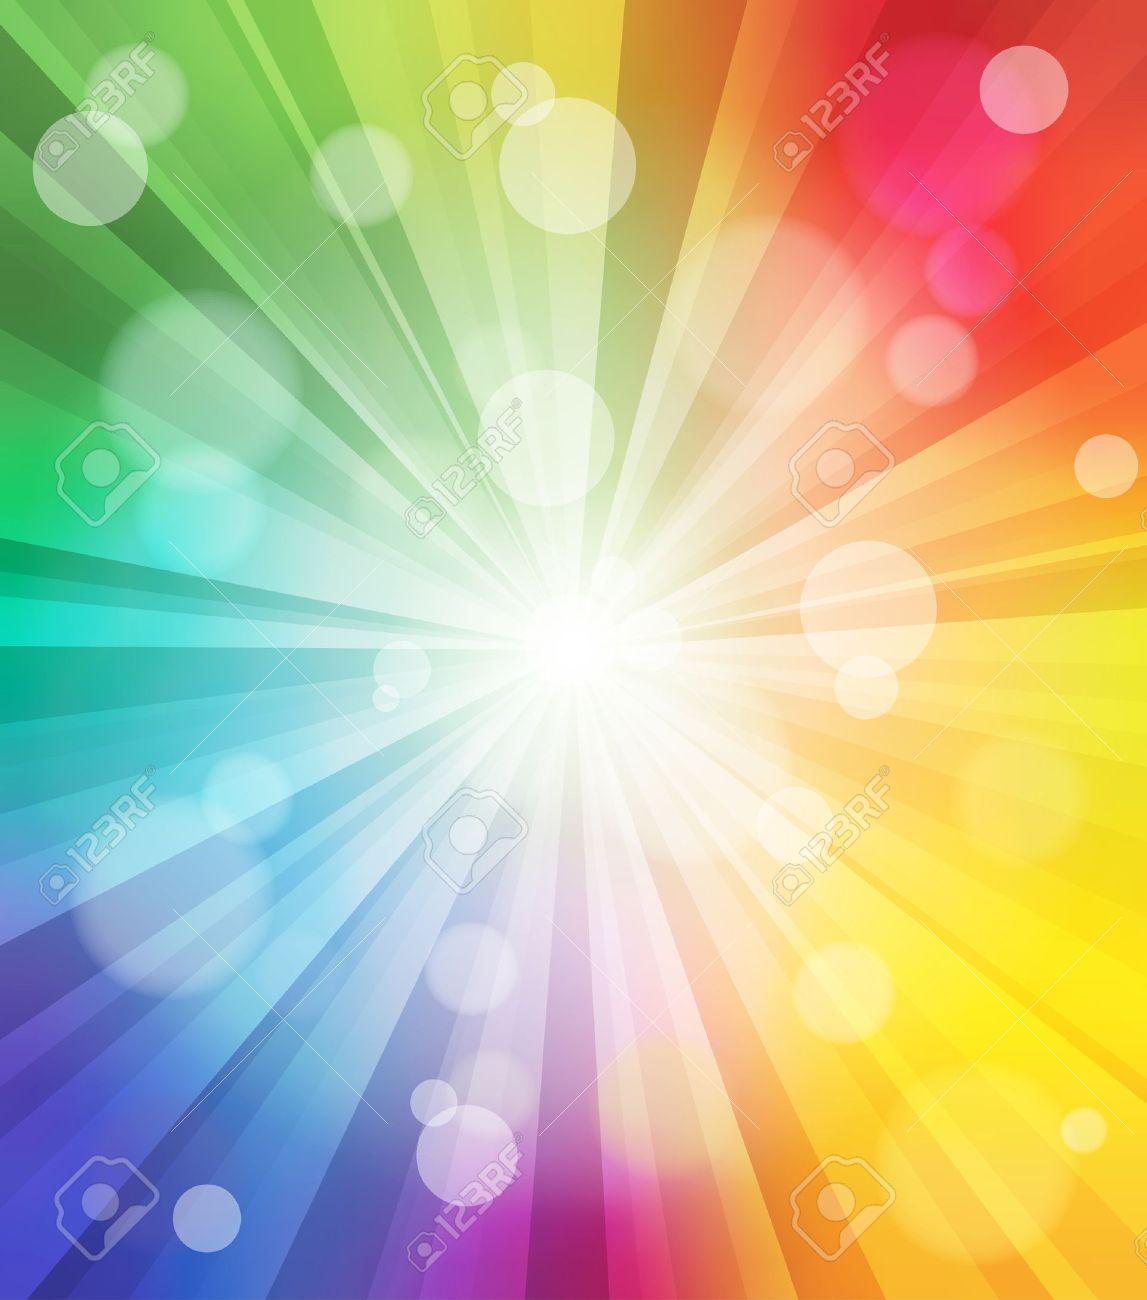 カラフルな光の効果の背景熱烈なイラストのイラスト素材ベクタ